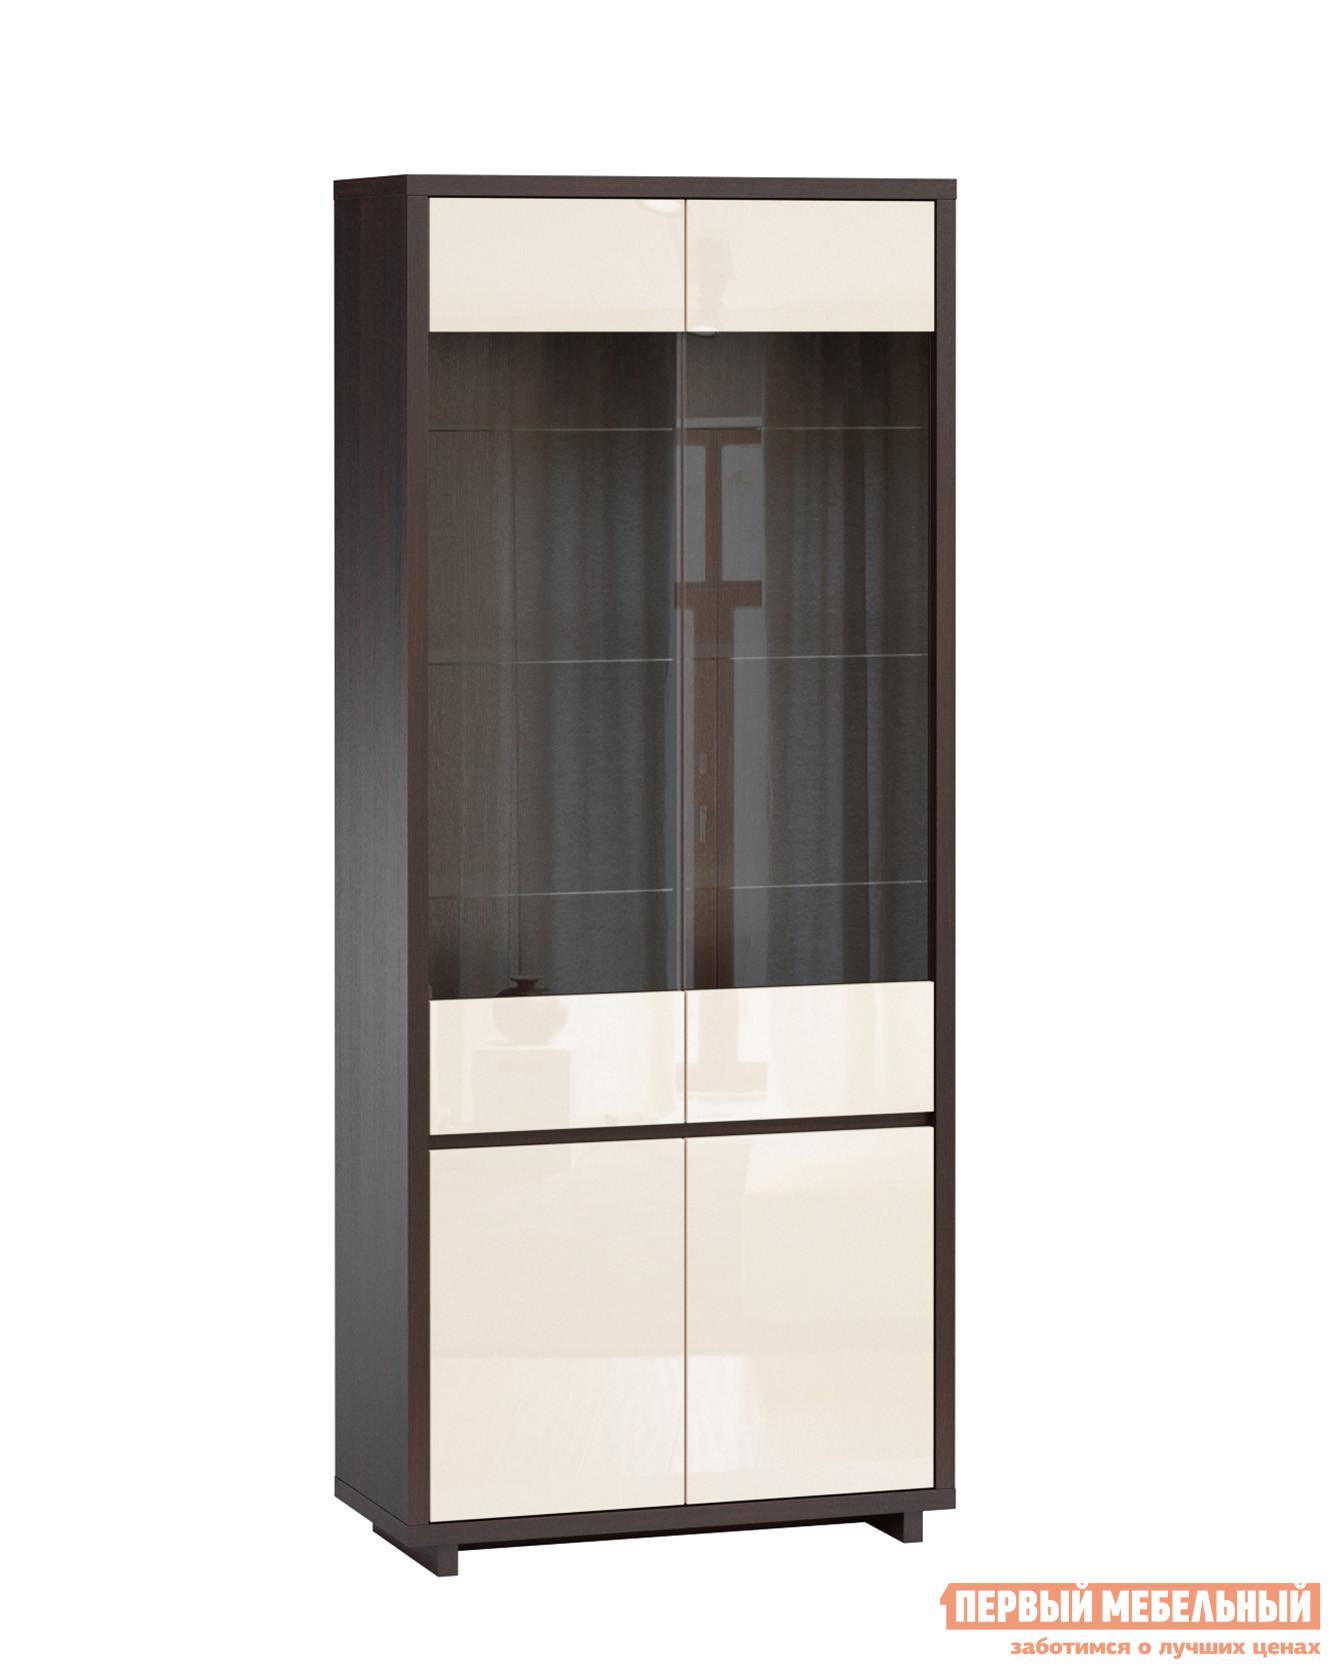 Шкаф-витрина WOODCRAFT Аспен Шкаф-витрина (4 двери) шкаф витрина мебель смоленск шк 07